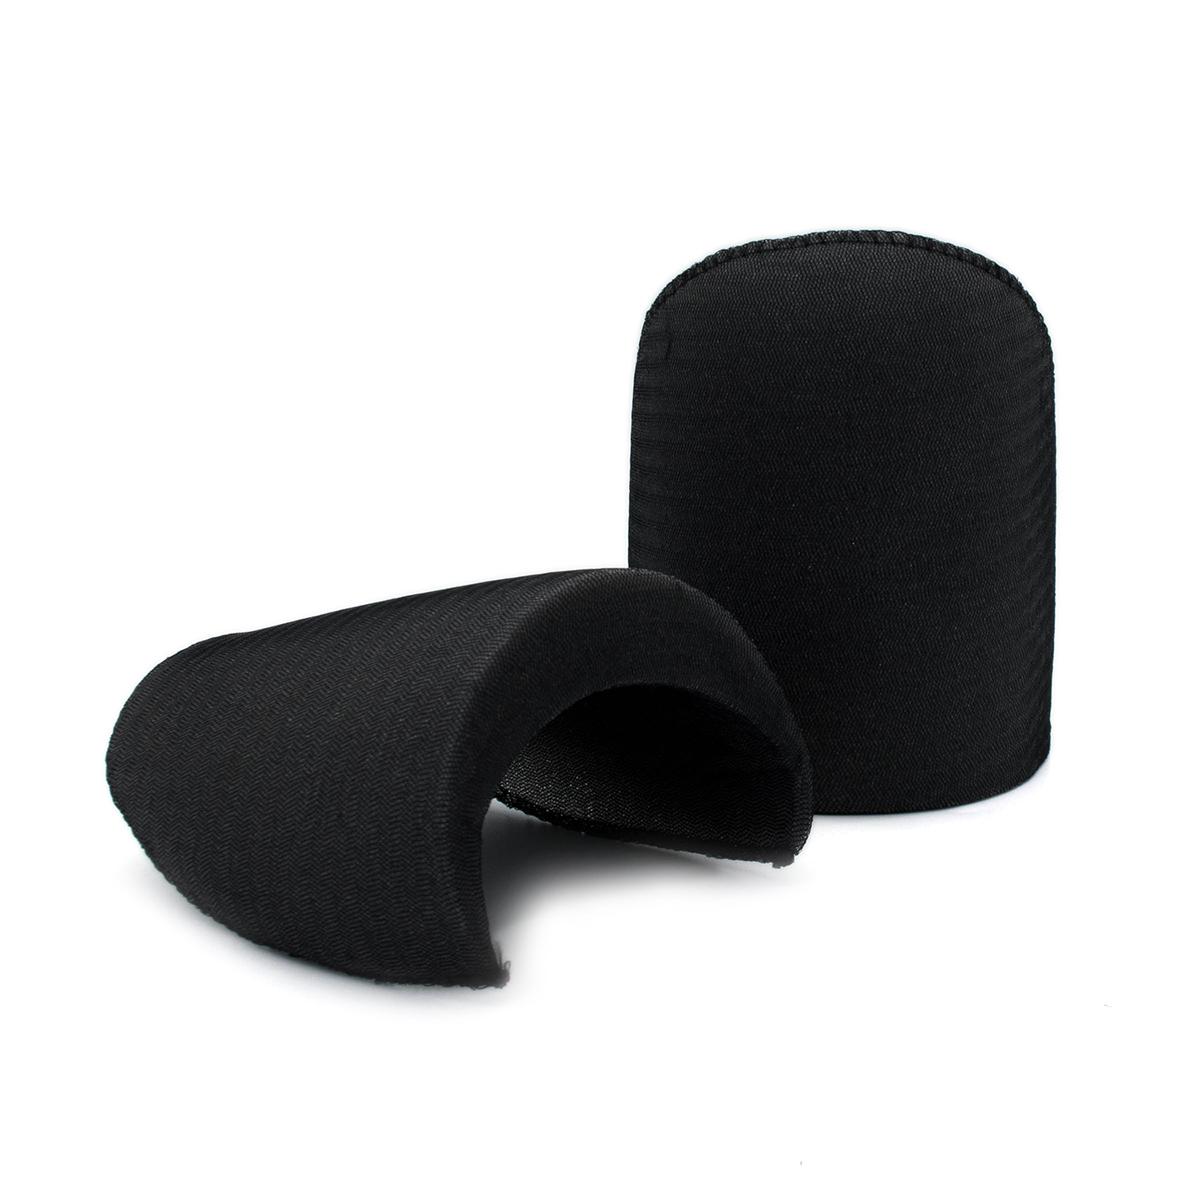 В-25 Плечевые накладки обшитые, втачные, черные, 25*140*210 мм